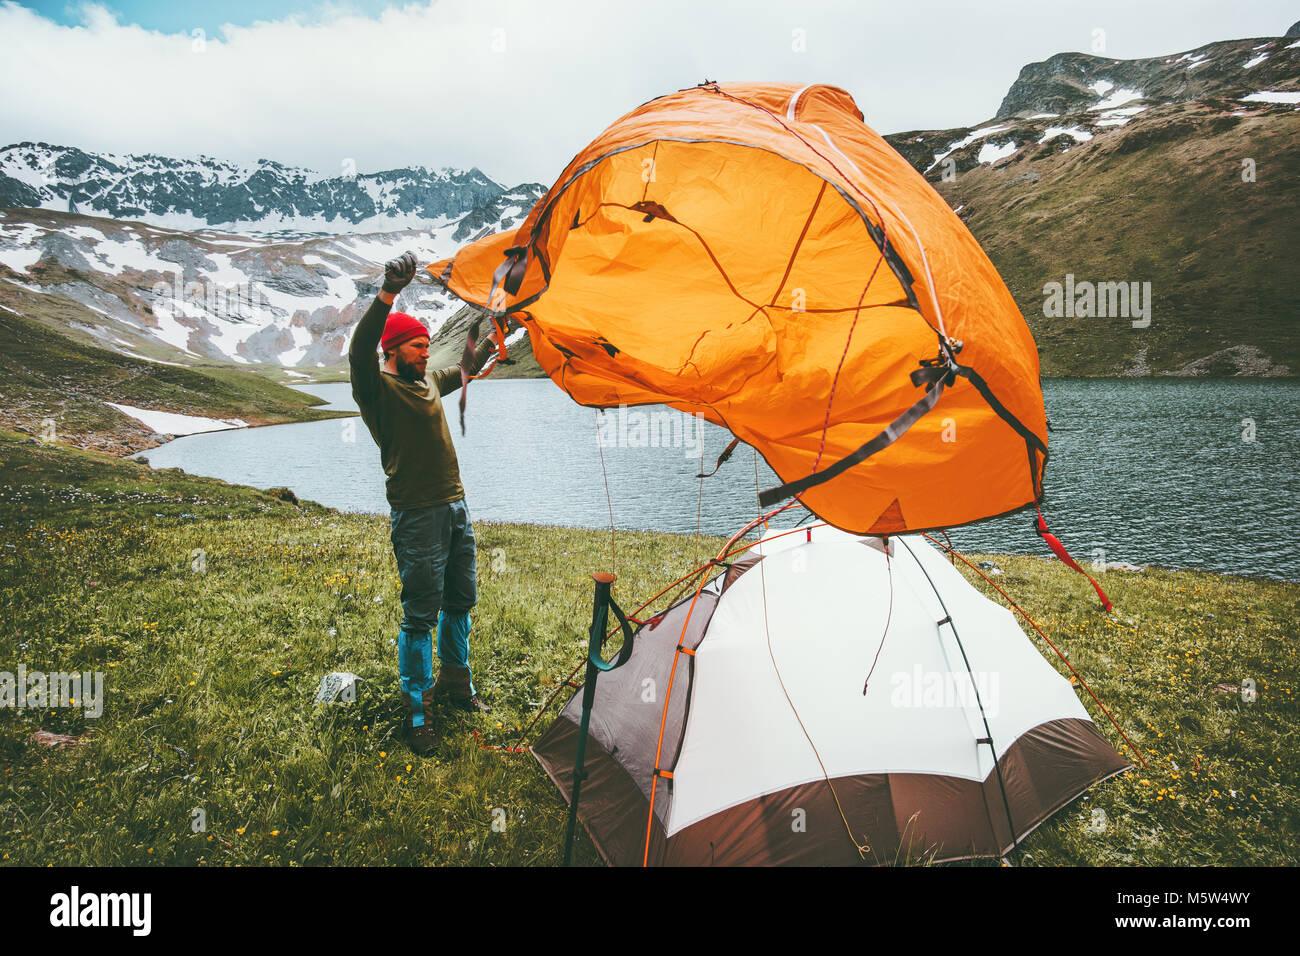 Mann Reisender Stellplatz Zelt Camping outdoor Travel Abenteuer lifestyle Konzept Berge Landschaft auf dem Hintergrund Stockbild